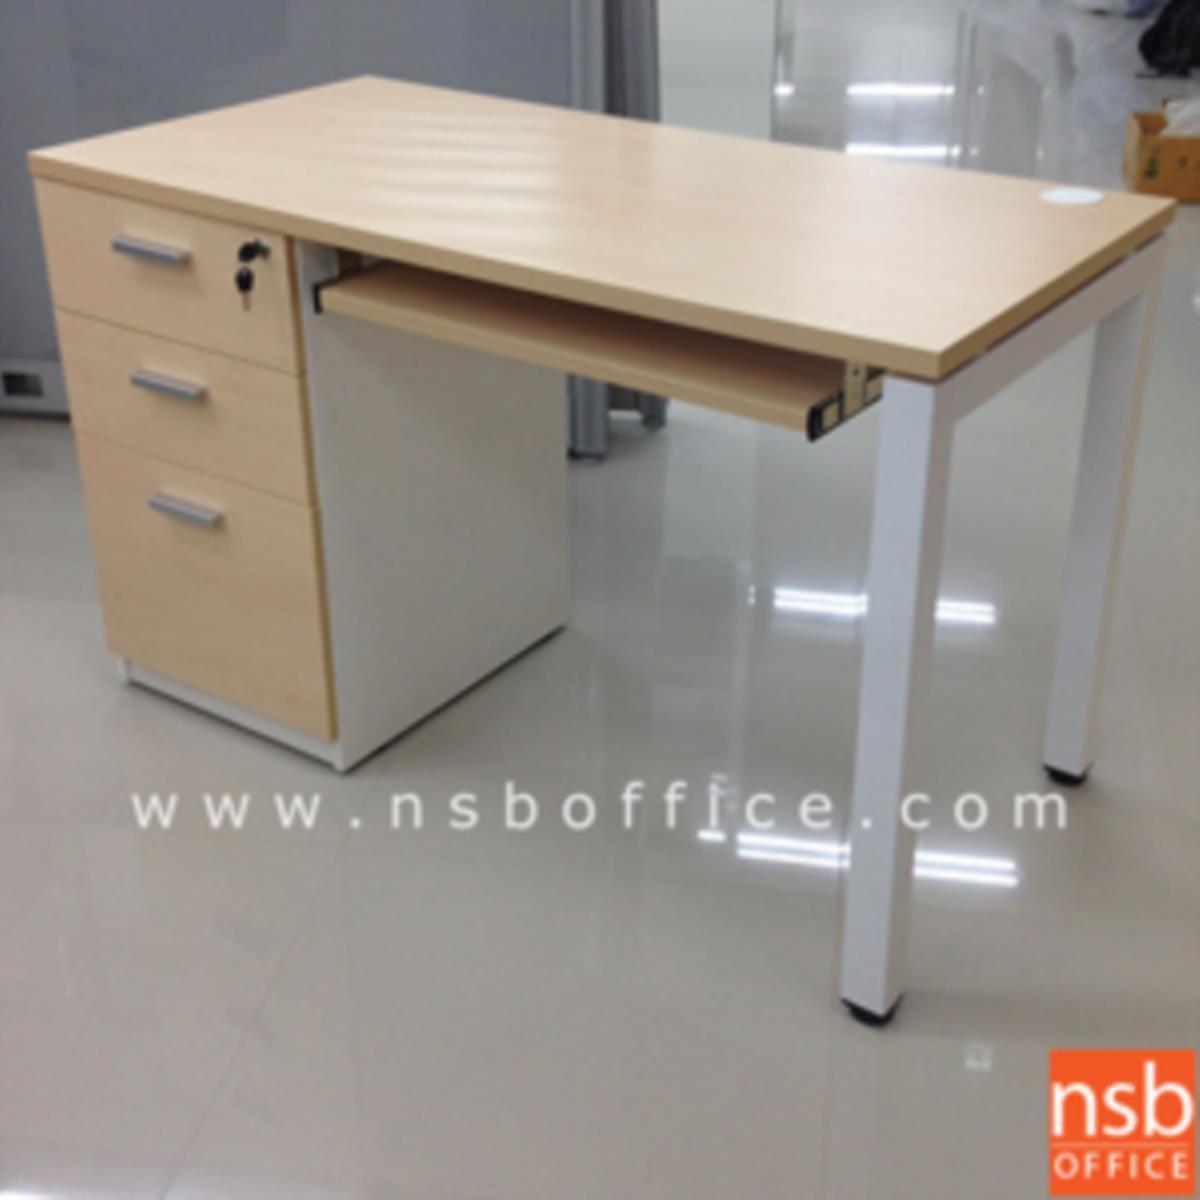 โต๊ะทำงาน 3 ลิ้นชัก  ขนาด 120W ,135W ,150W ,180W cm.  ขาเหล็ก